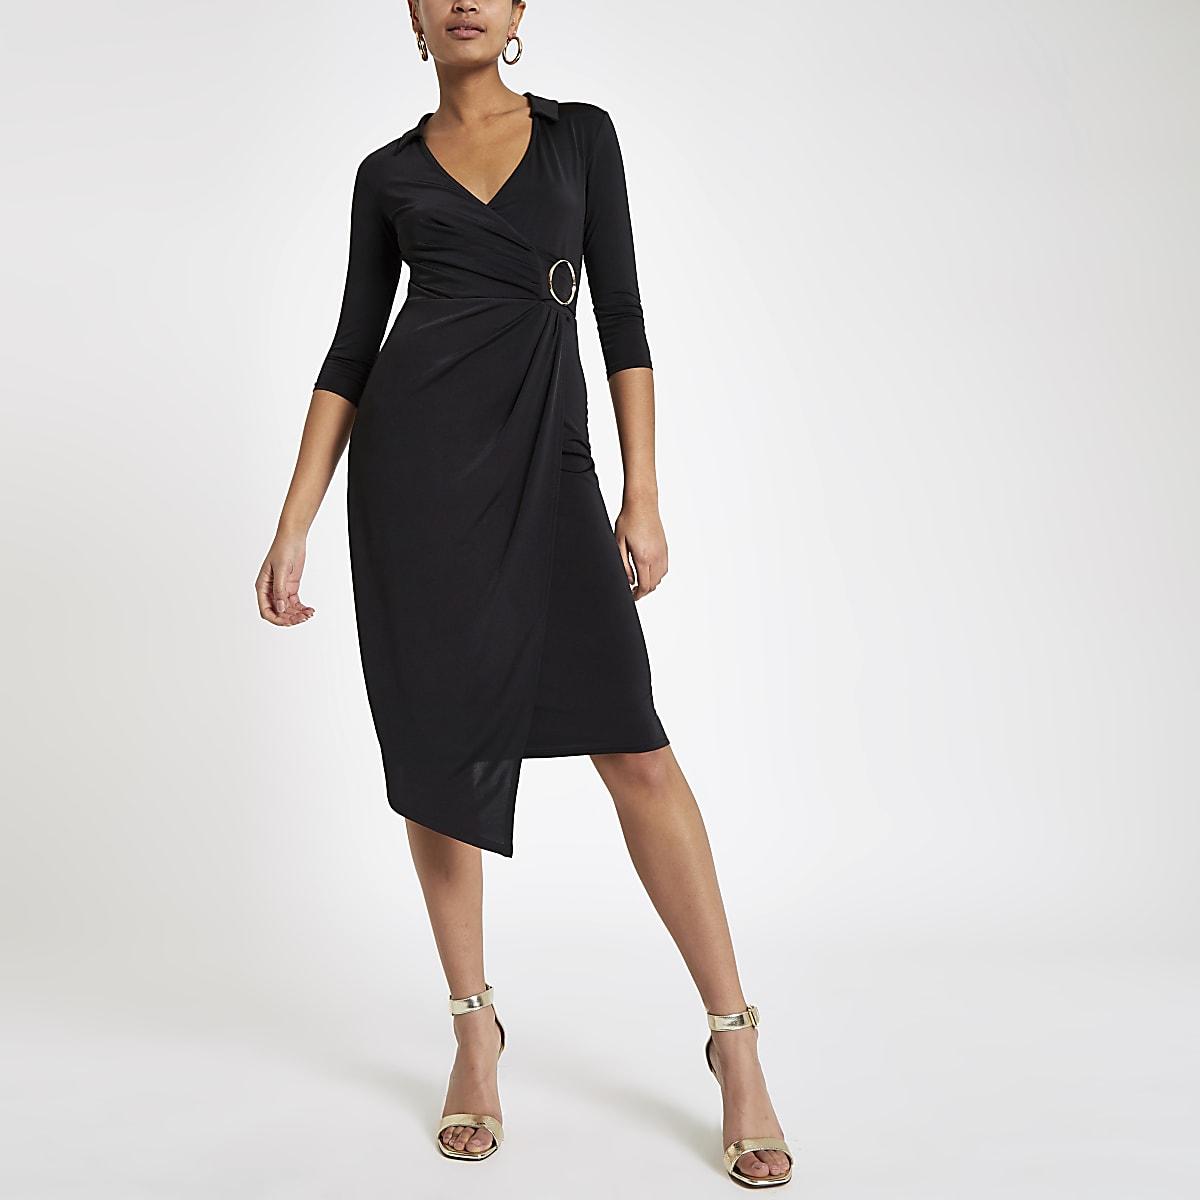 Black ring detail wrap dress